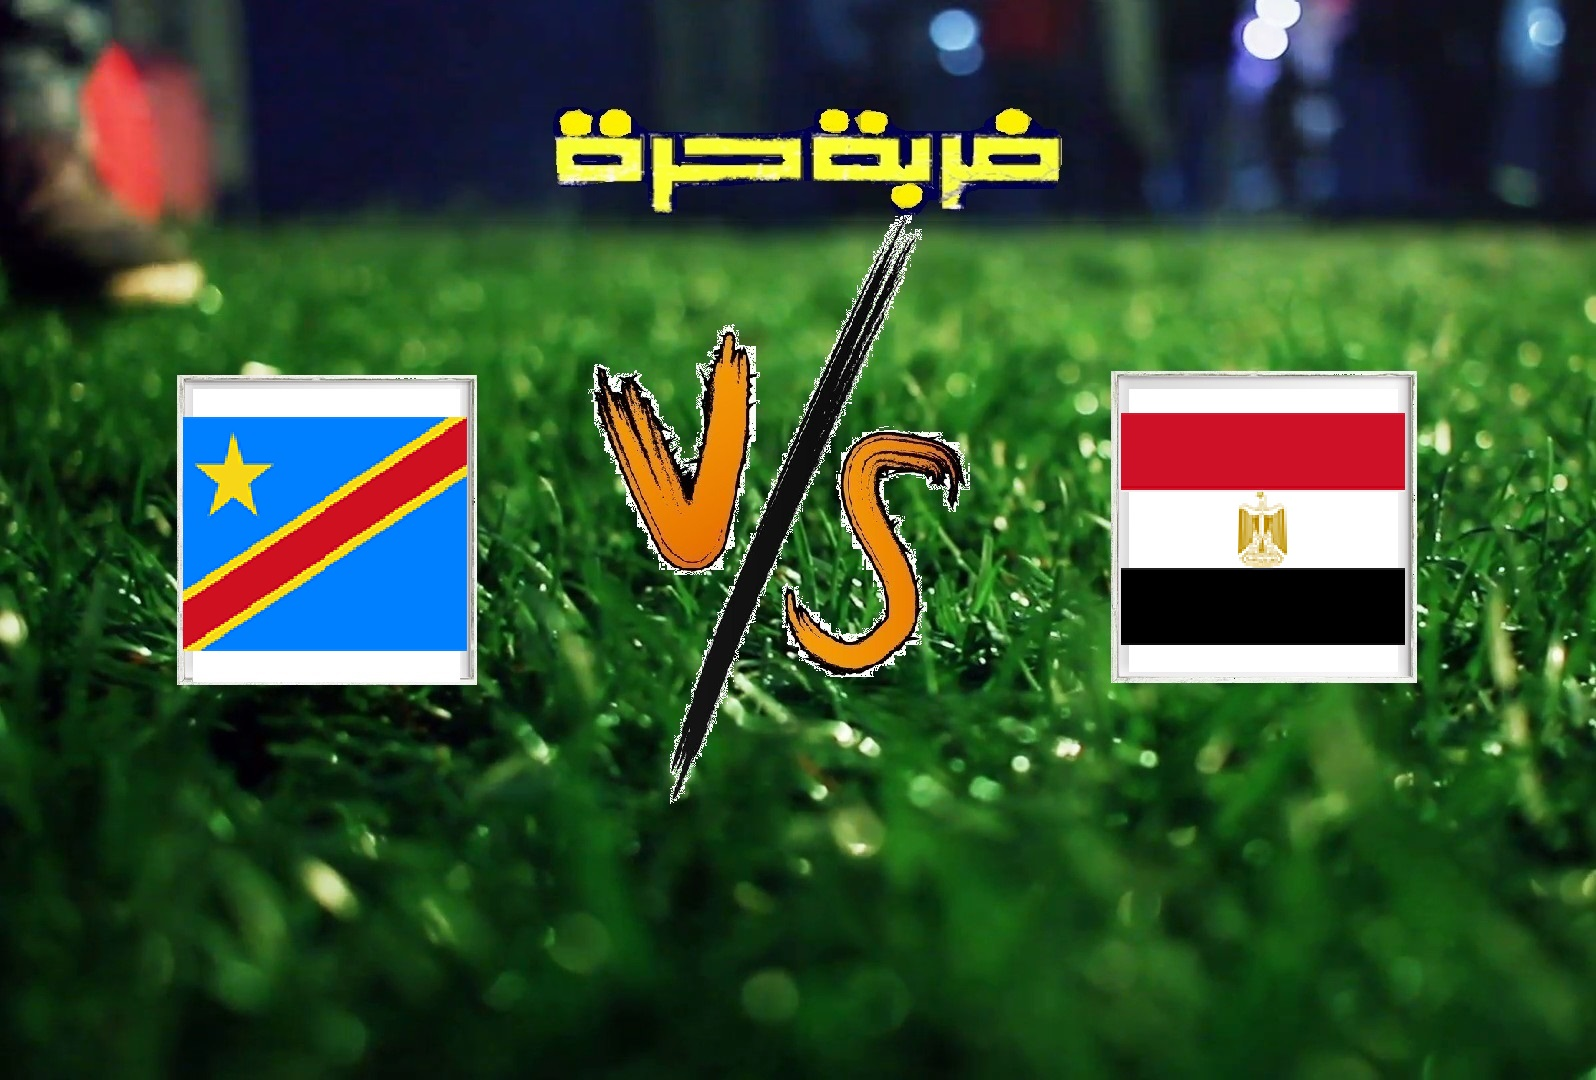 مصر تفوز على الكونغو بهدفين دون رد اليوم الاربعاء بتاريخ 26-06-2019 في كأس الأمم الأفريقية